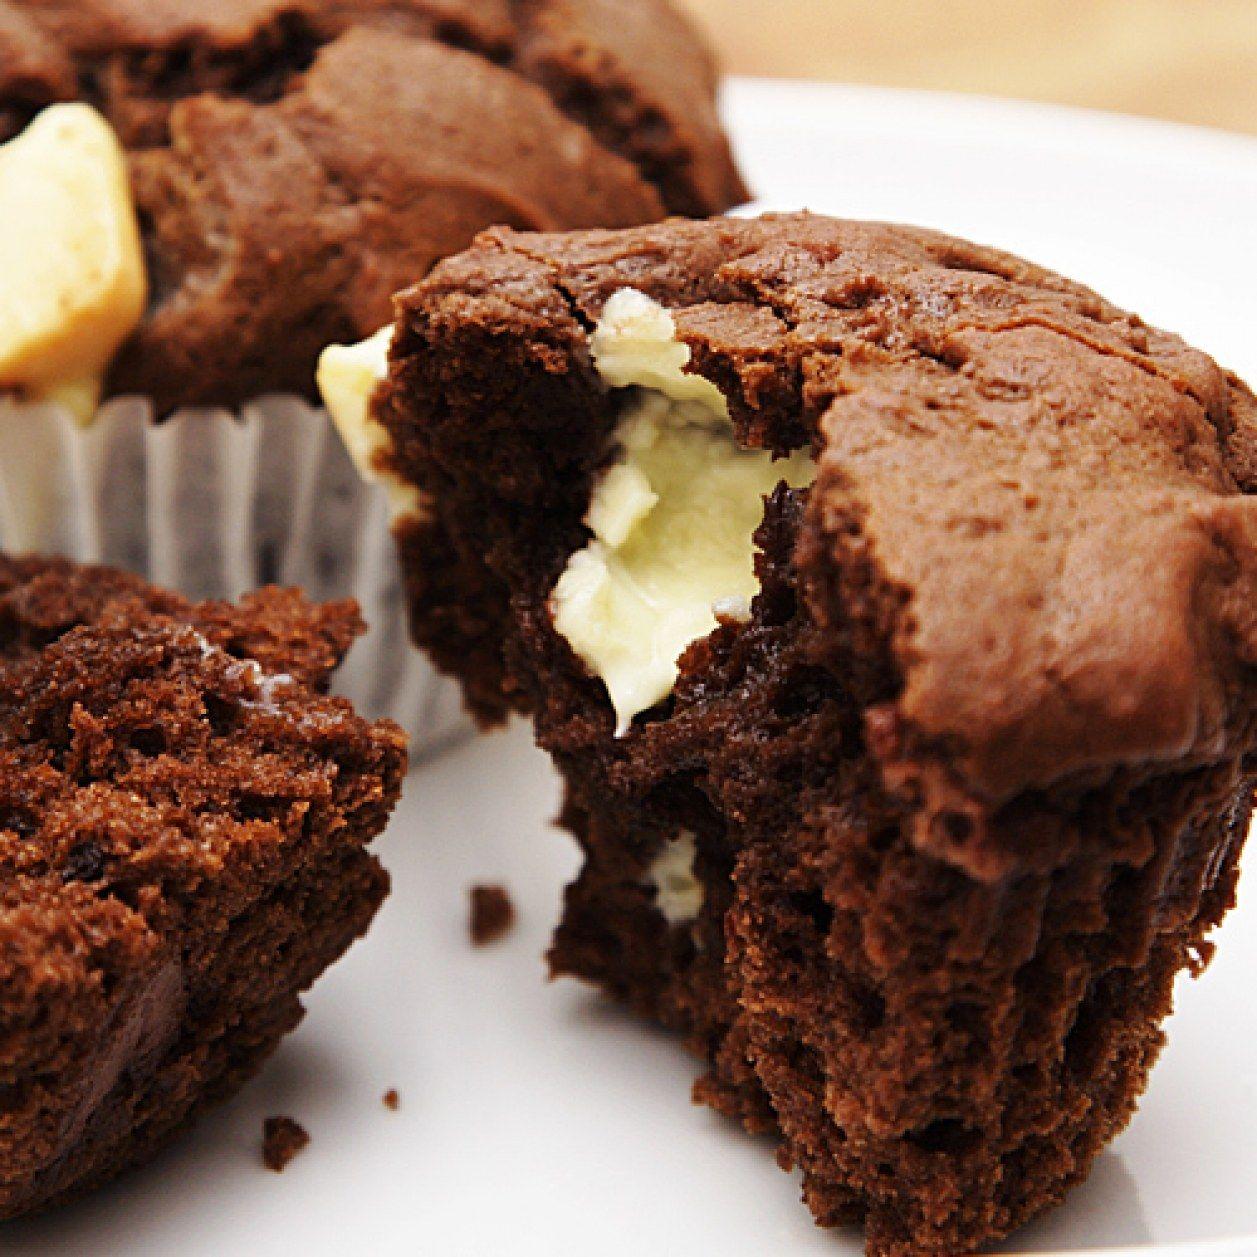 rezept f r schokomuffins mit fl ssigem kern aus wei er schokolade gummi sch rzen muffins. Black Bedroom Furniture Sets. Home Design Ideas